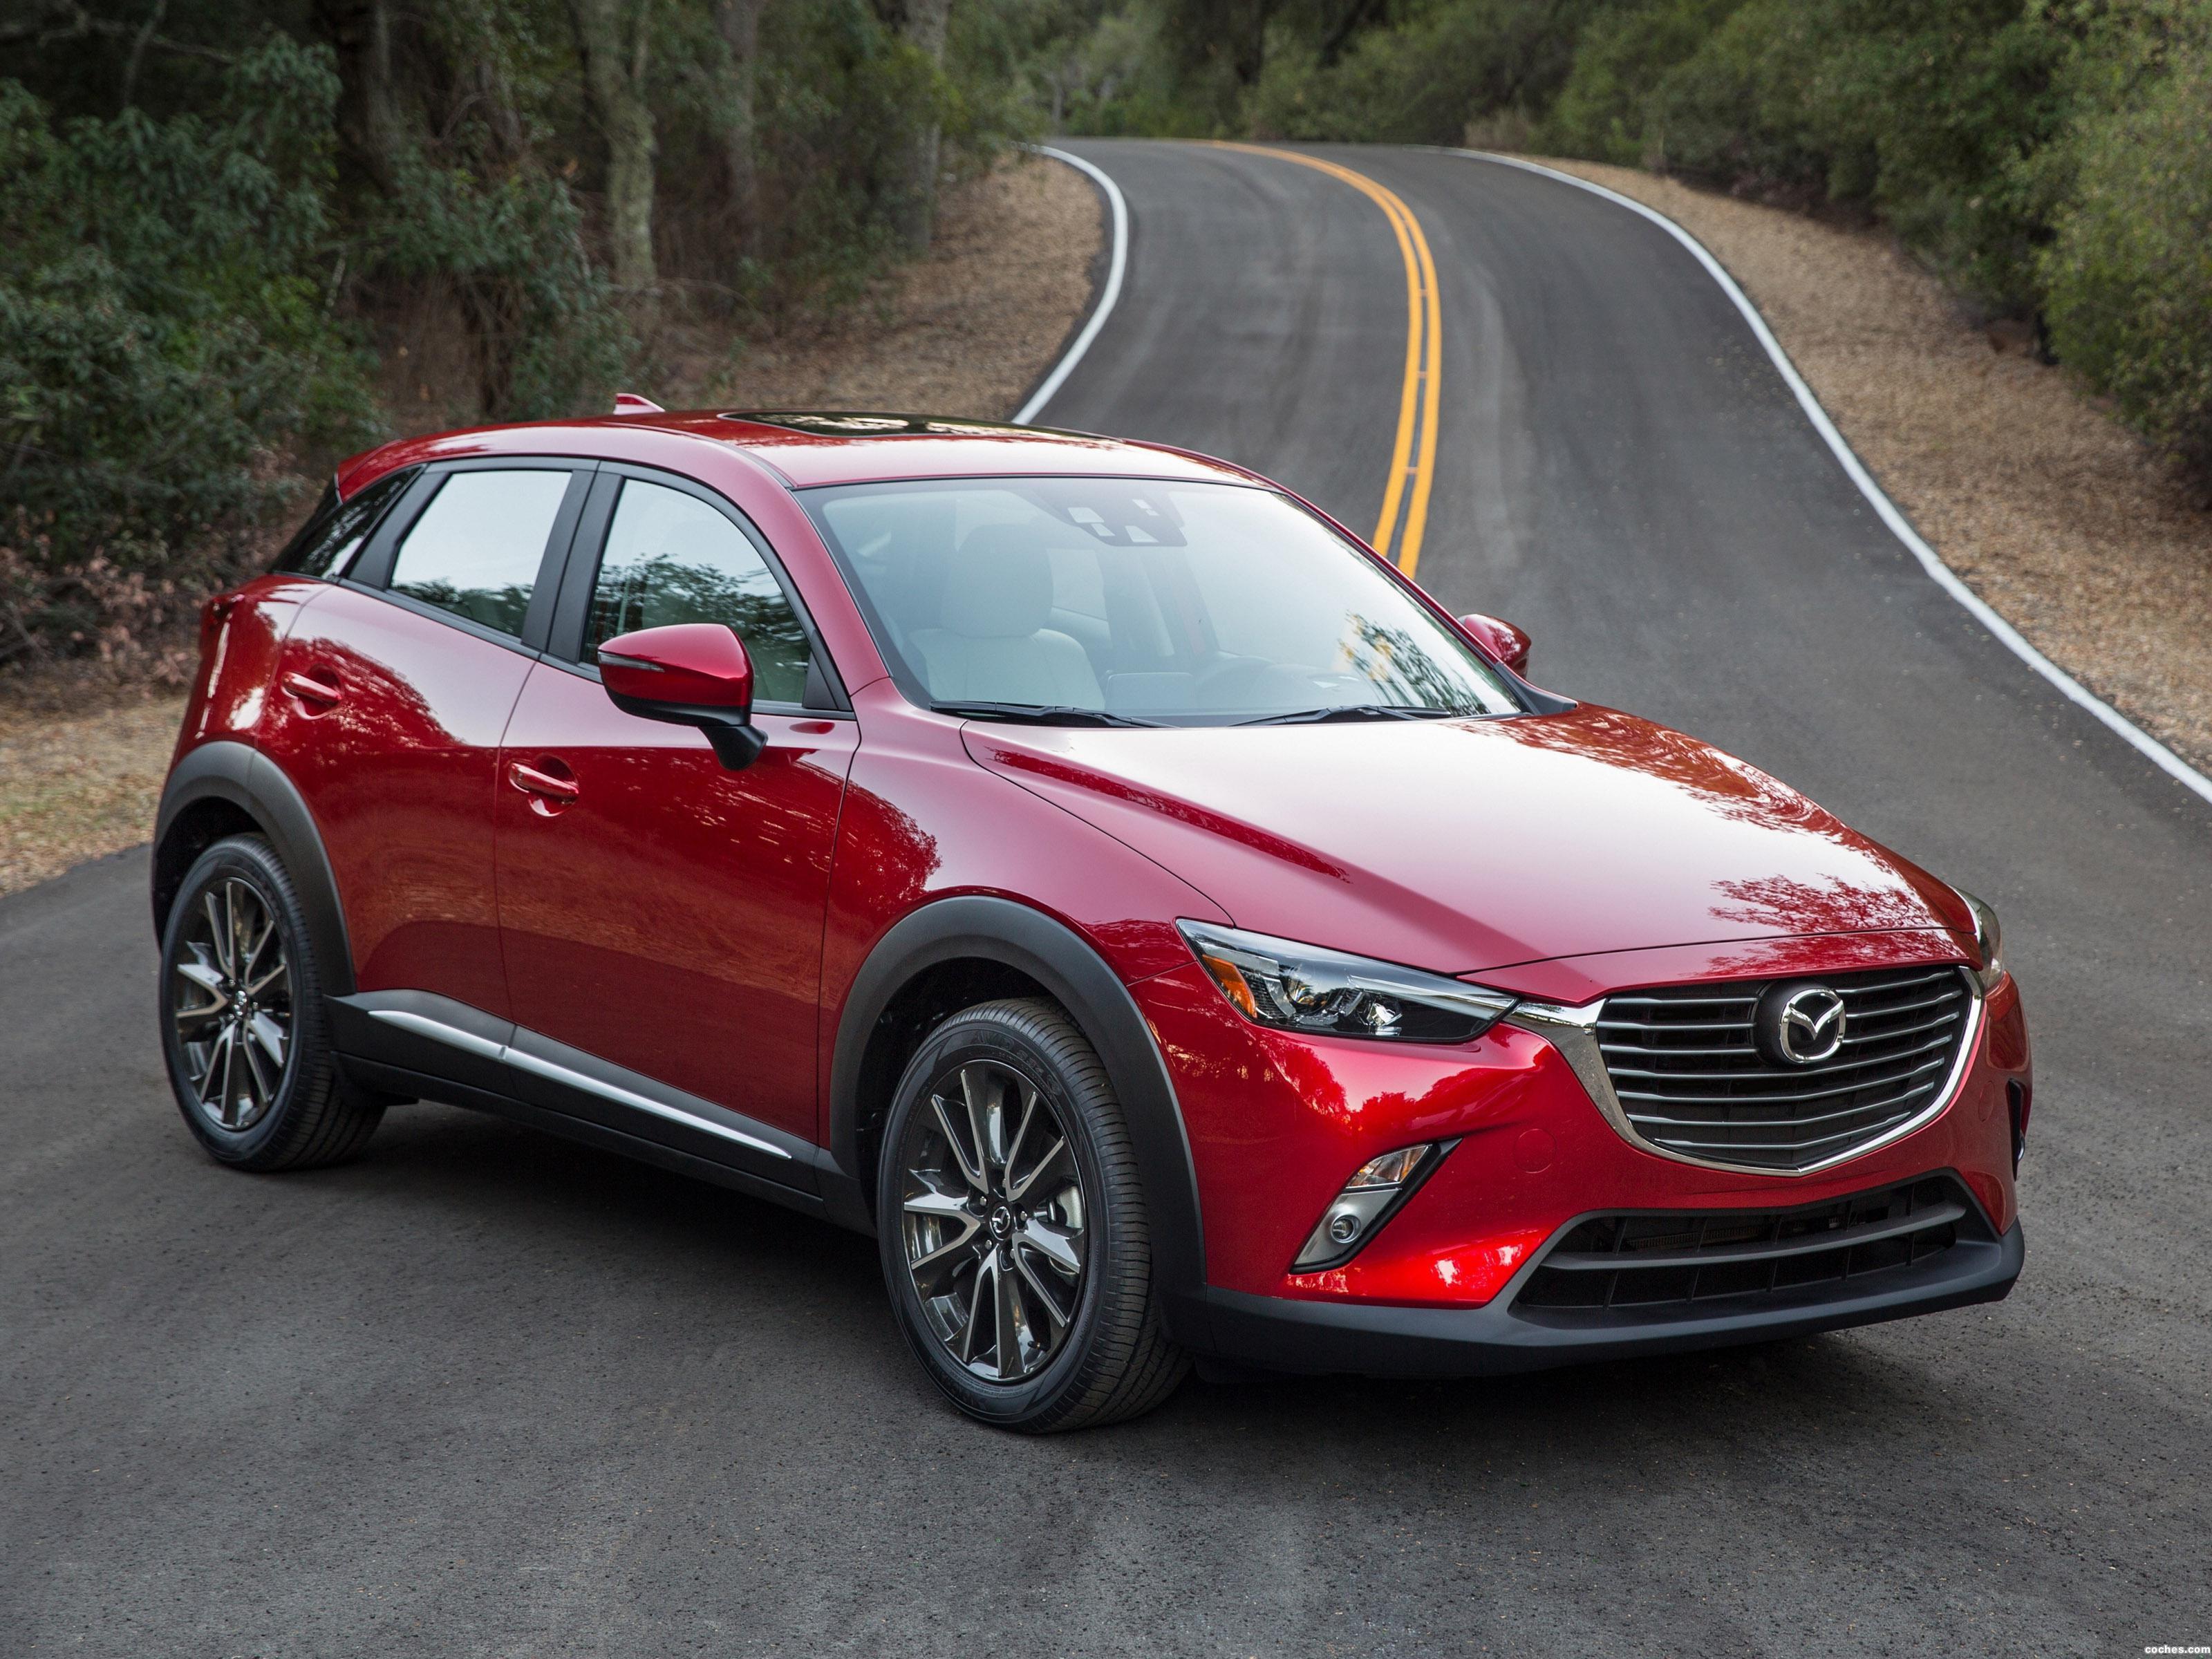 Foto 0 de Mazda CX-3 USA 2015